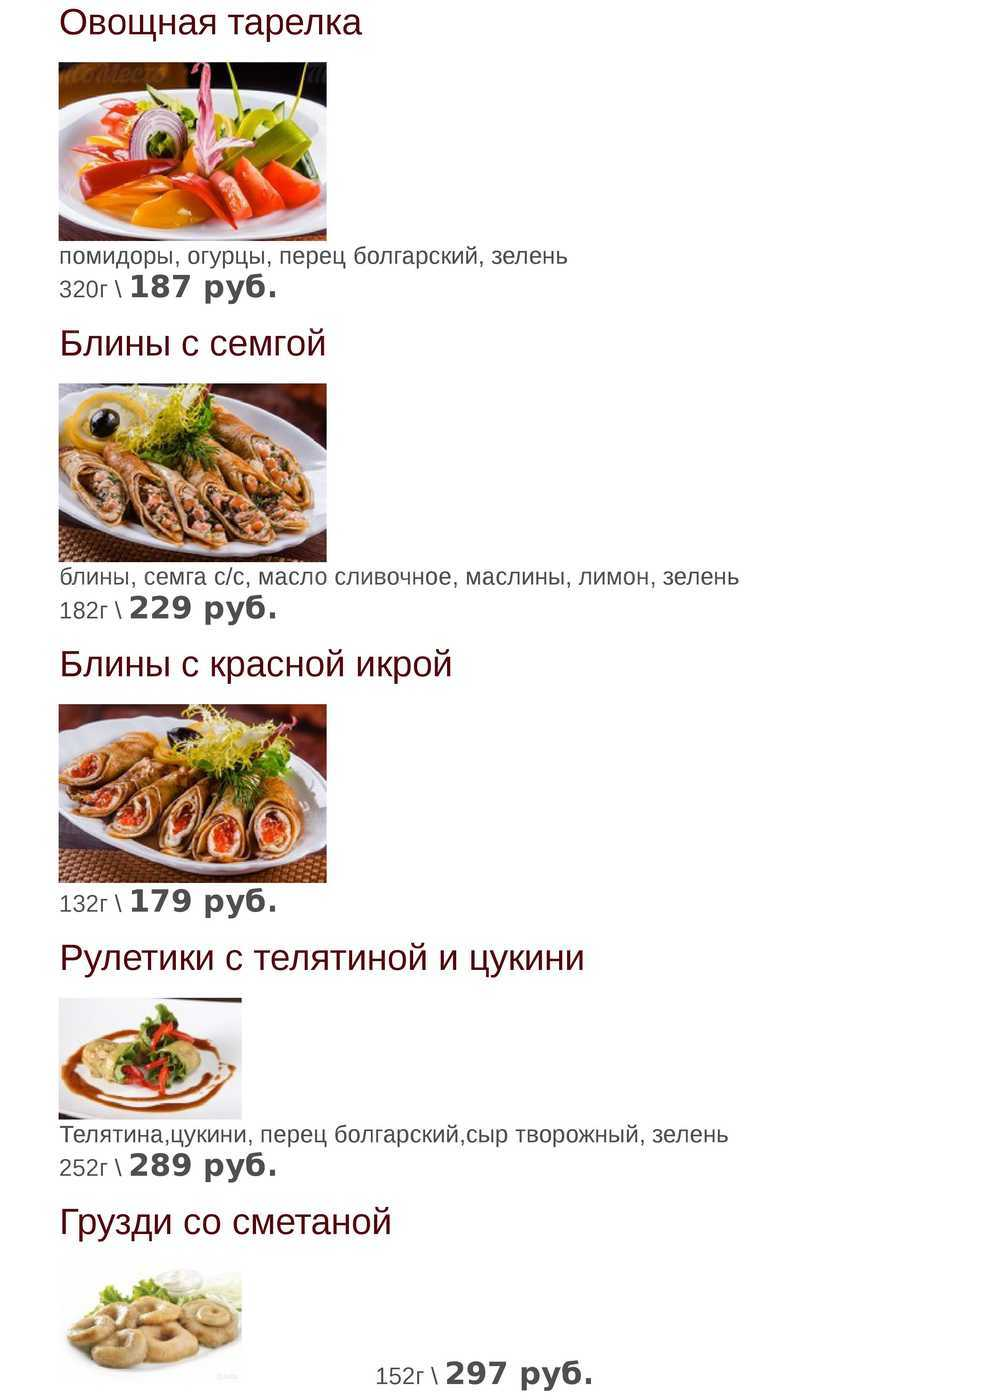 Меню кафе Ермак на проспекте имени газеты Красноярский Рабочий фото 5